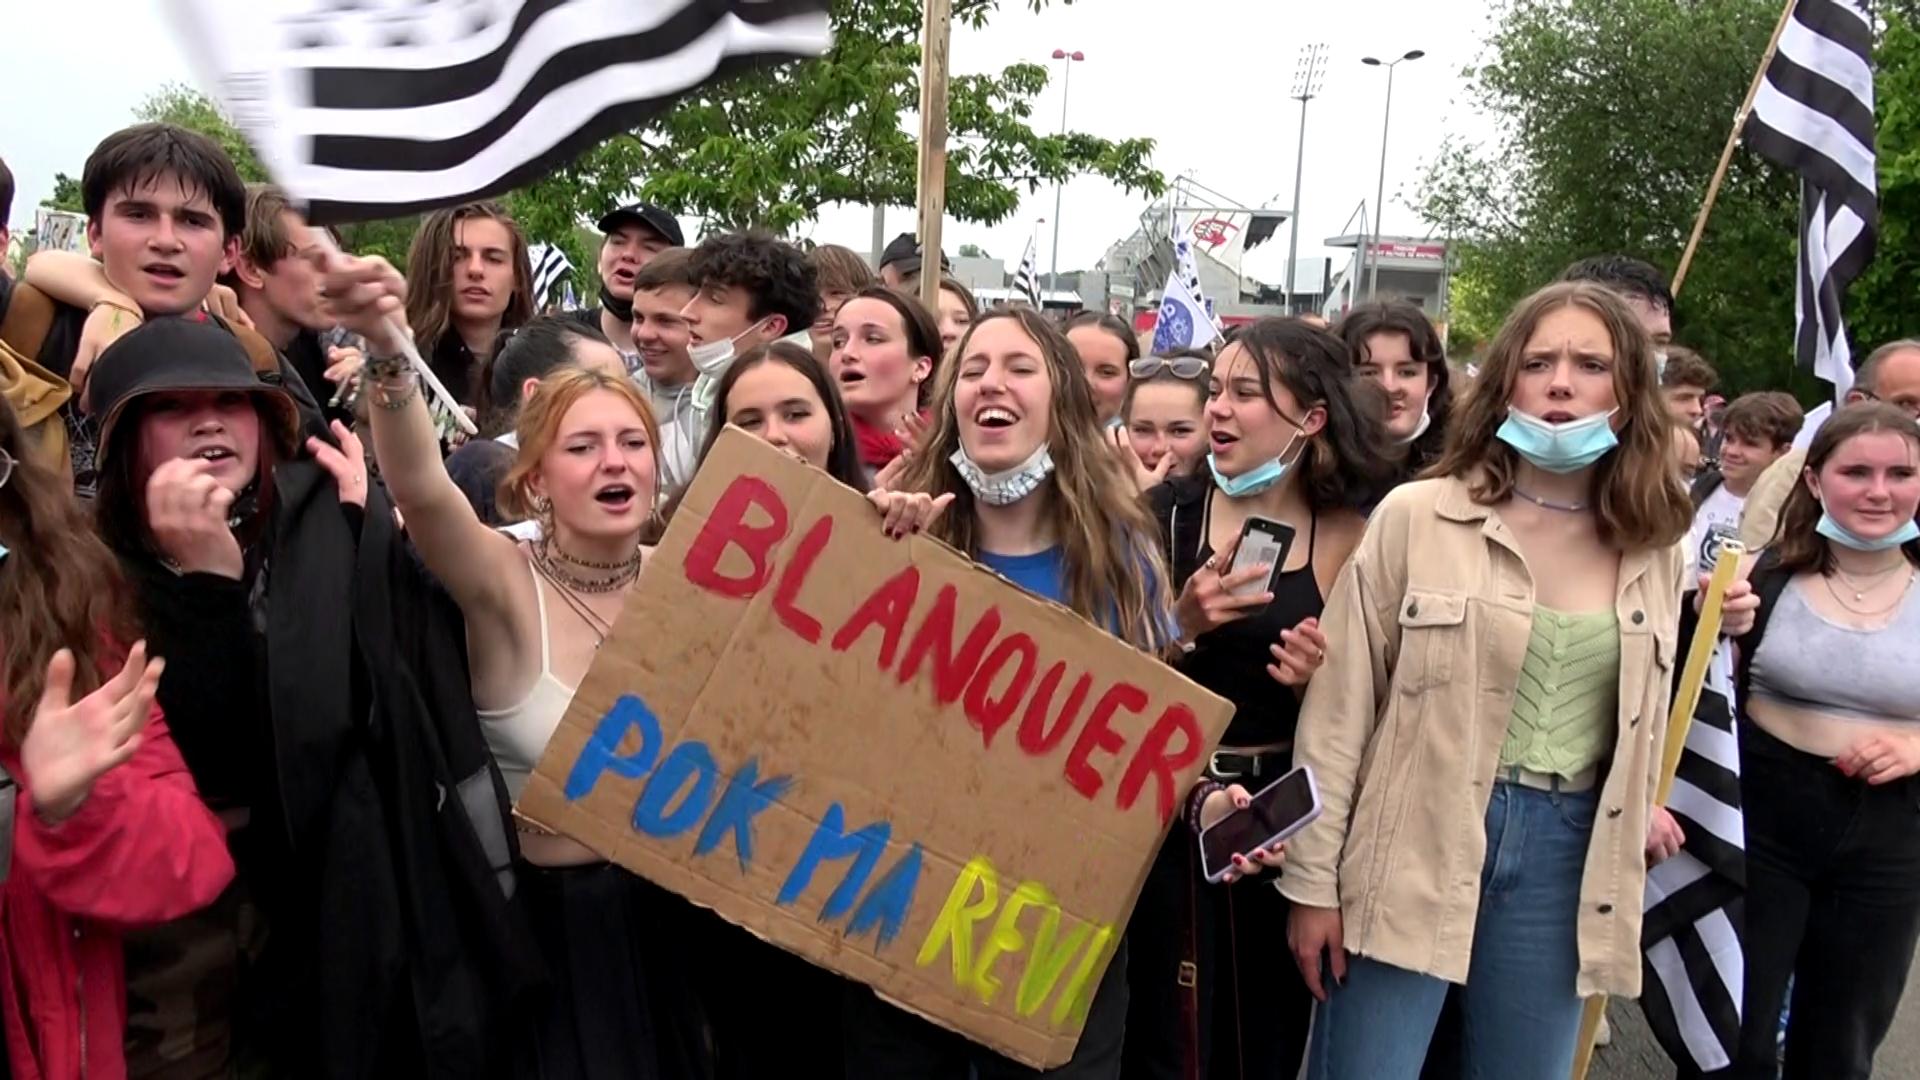 210529 - Manif langue bretonne Guingamp sans cartouche